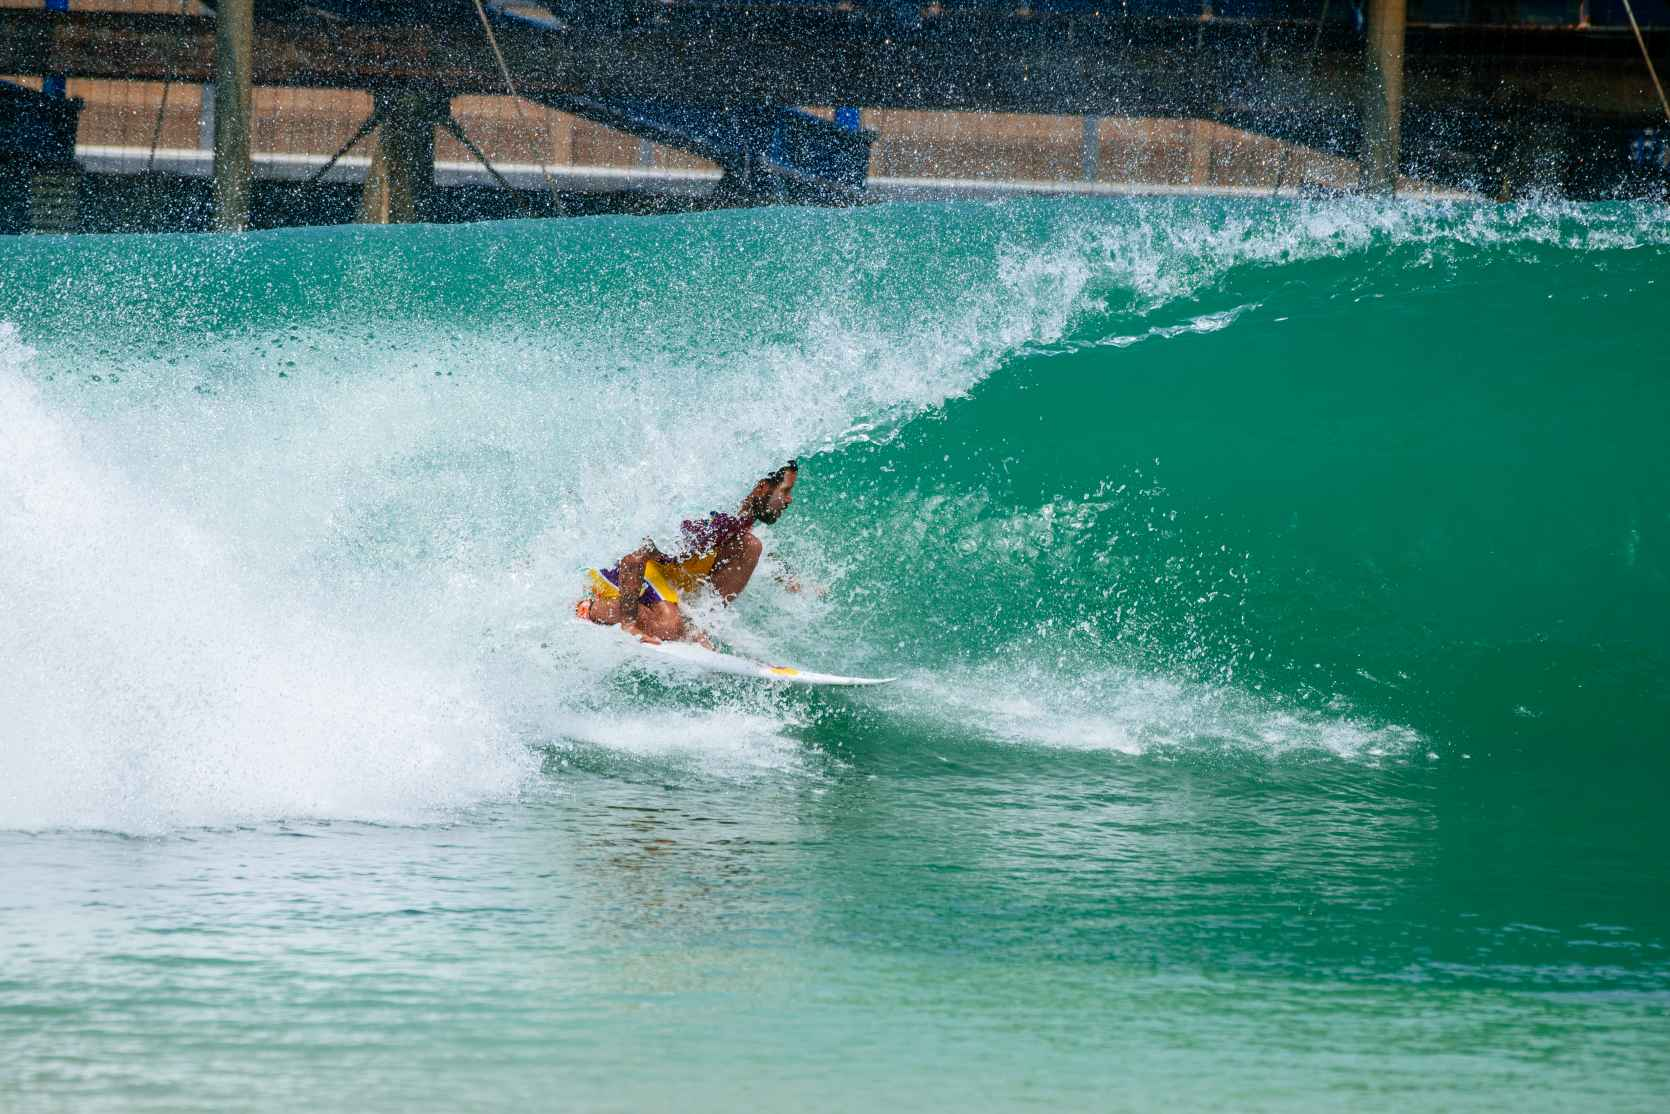 surf30 surf ranch pro 2021 wsl surf DeSouza A Ranch21 PNN 2967 2